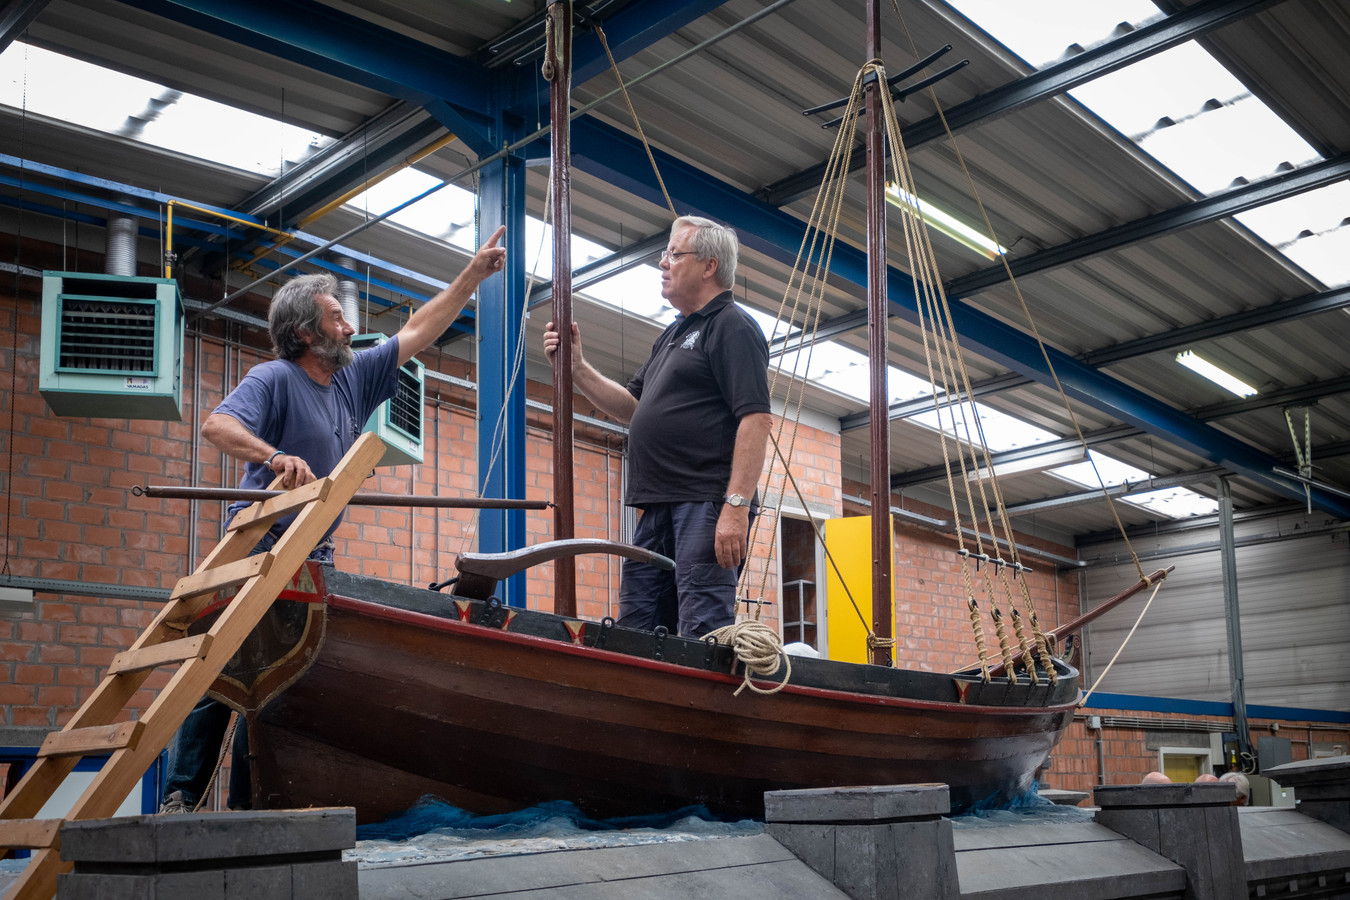 Philippe Vanthournout en Koen De Vriese geven praalwagen 't Schip van 's Lands Welvaren een opknapbeurt.